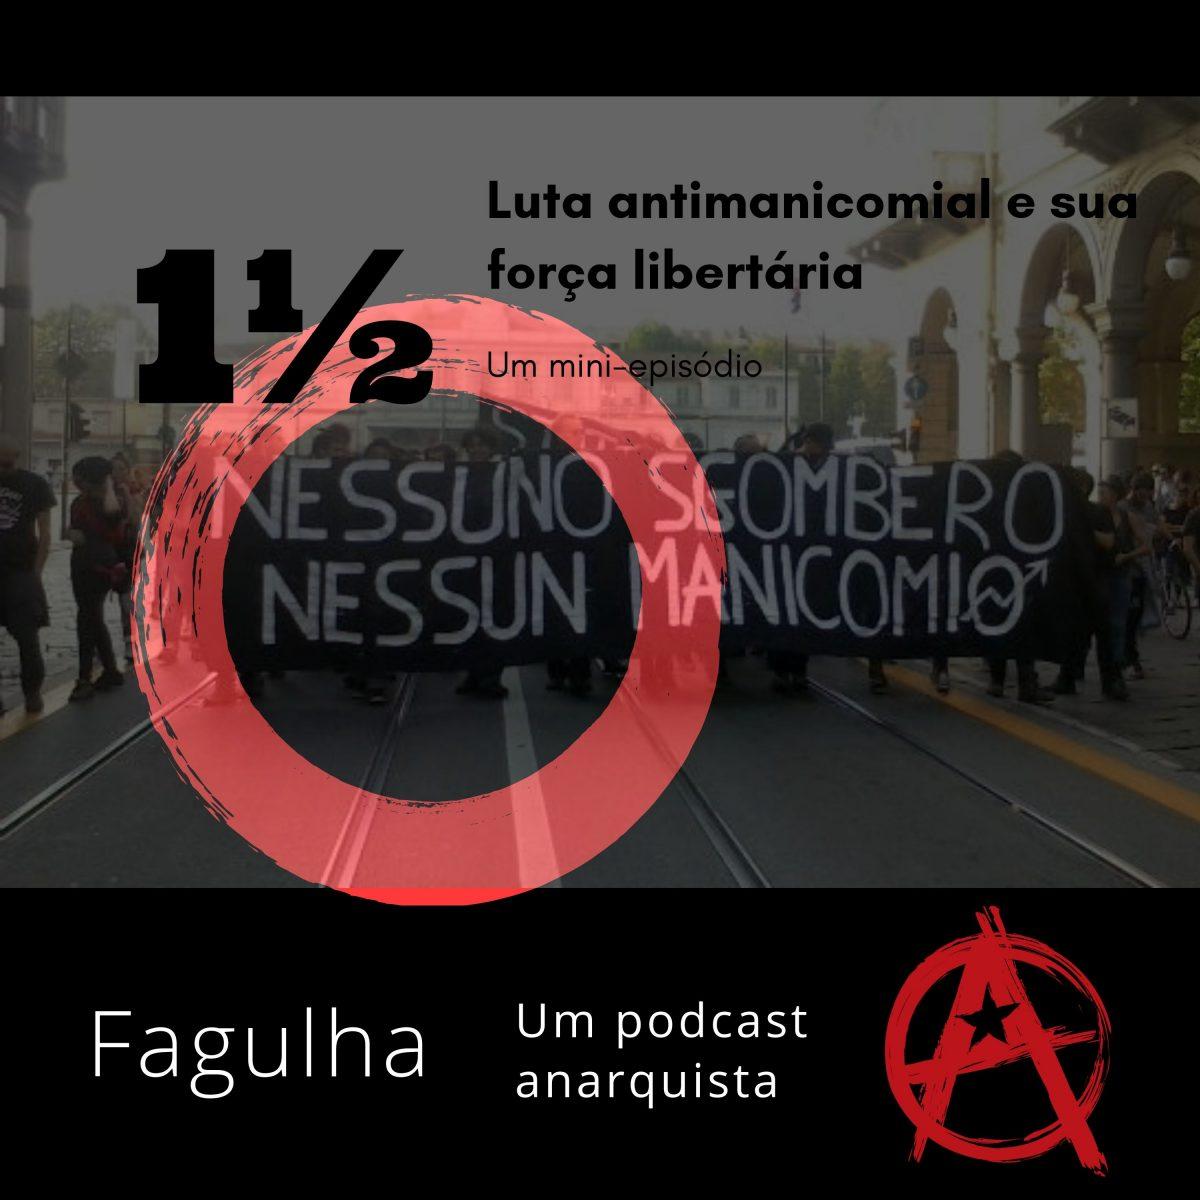 #01 ½: Luta antimanicomial e sua força libertária